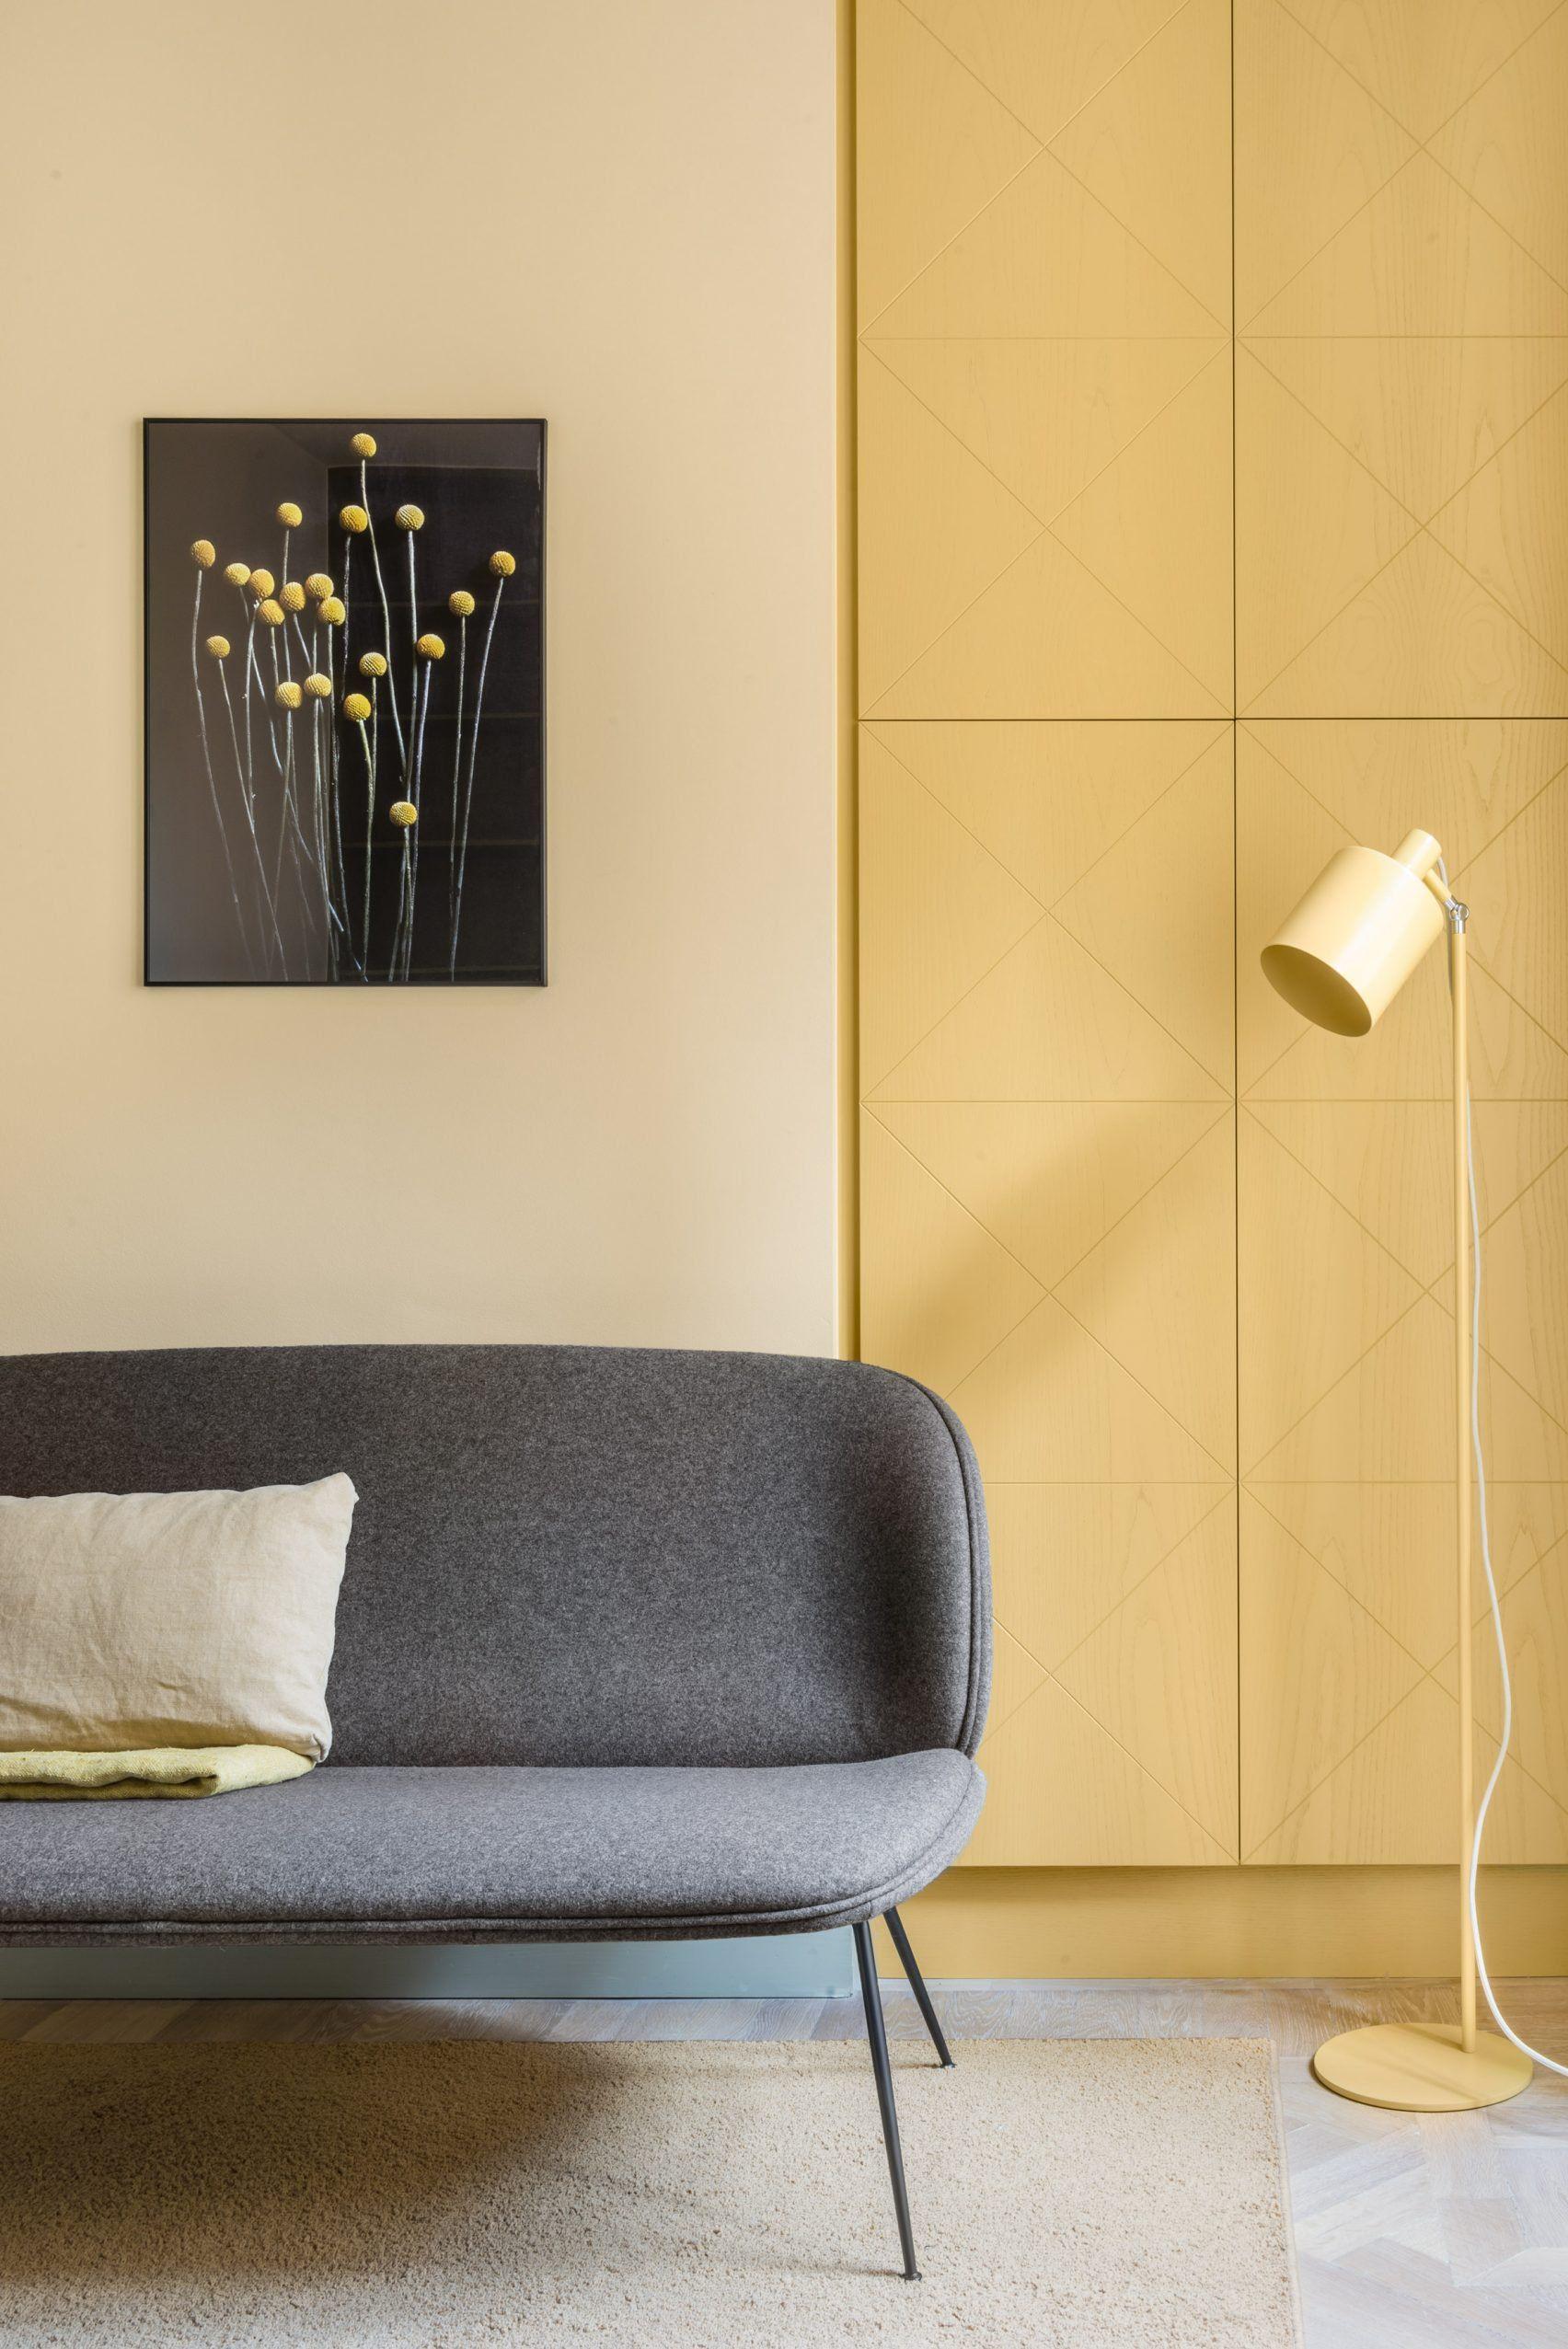 couleur vert amande appartement deco   Pastel interior, Interior ...